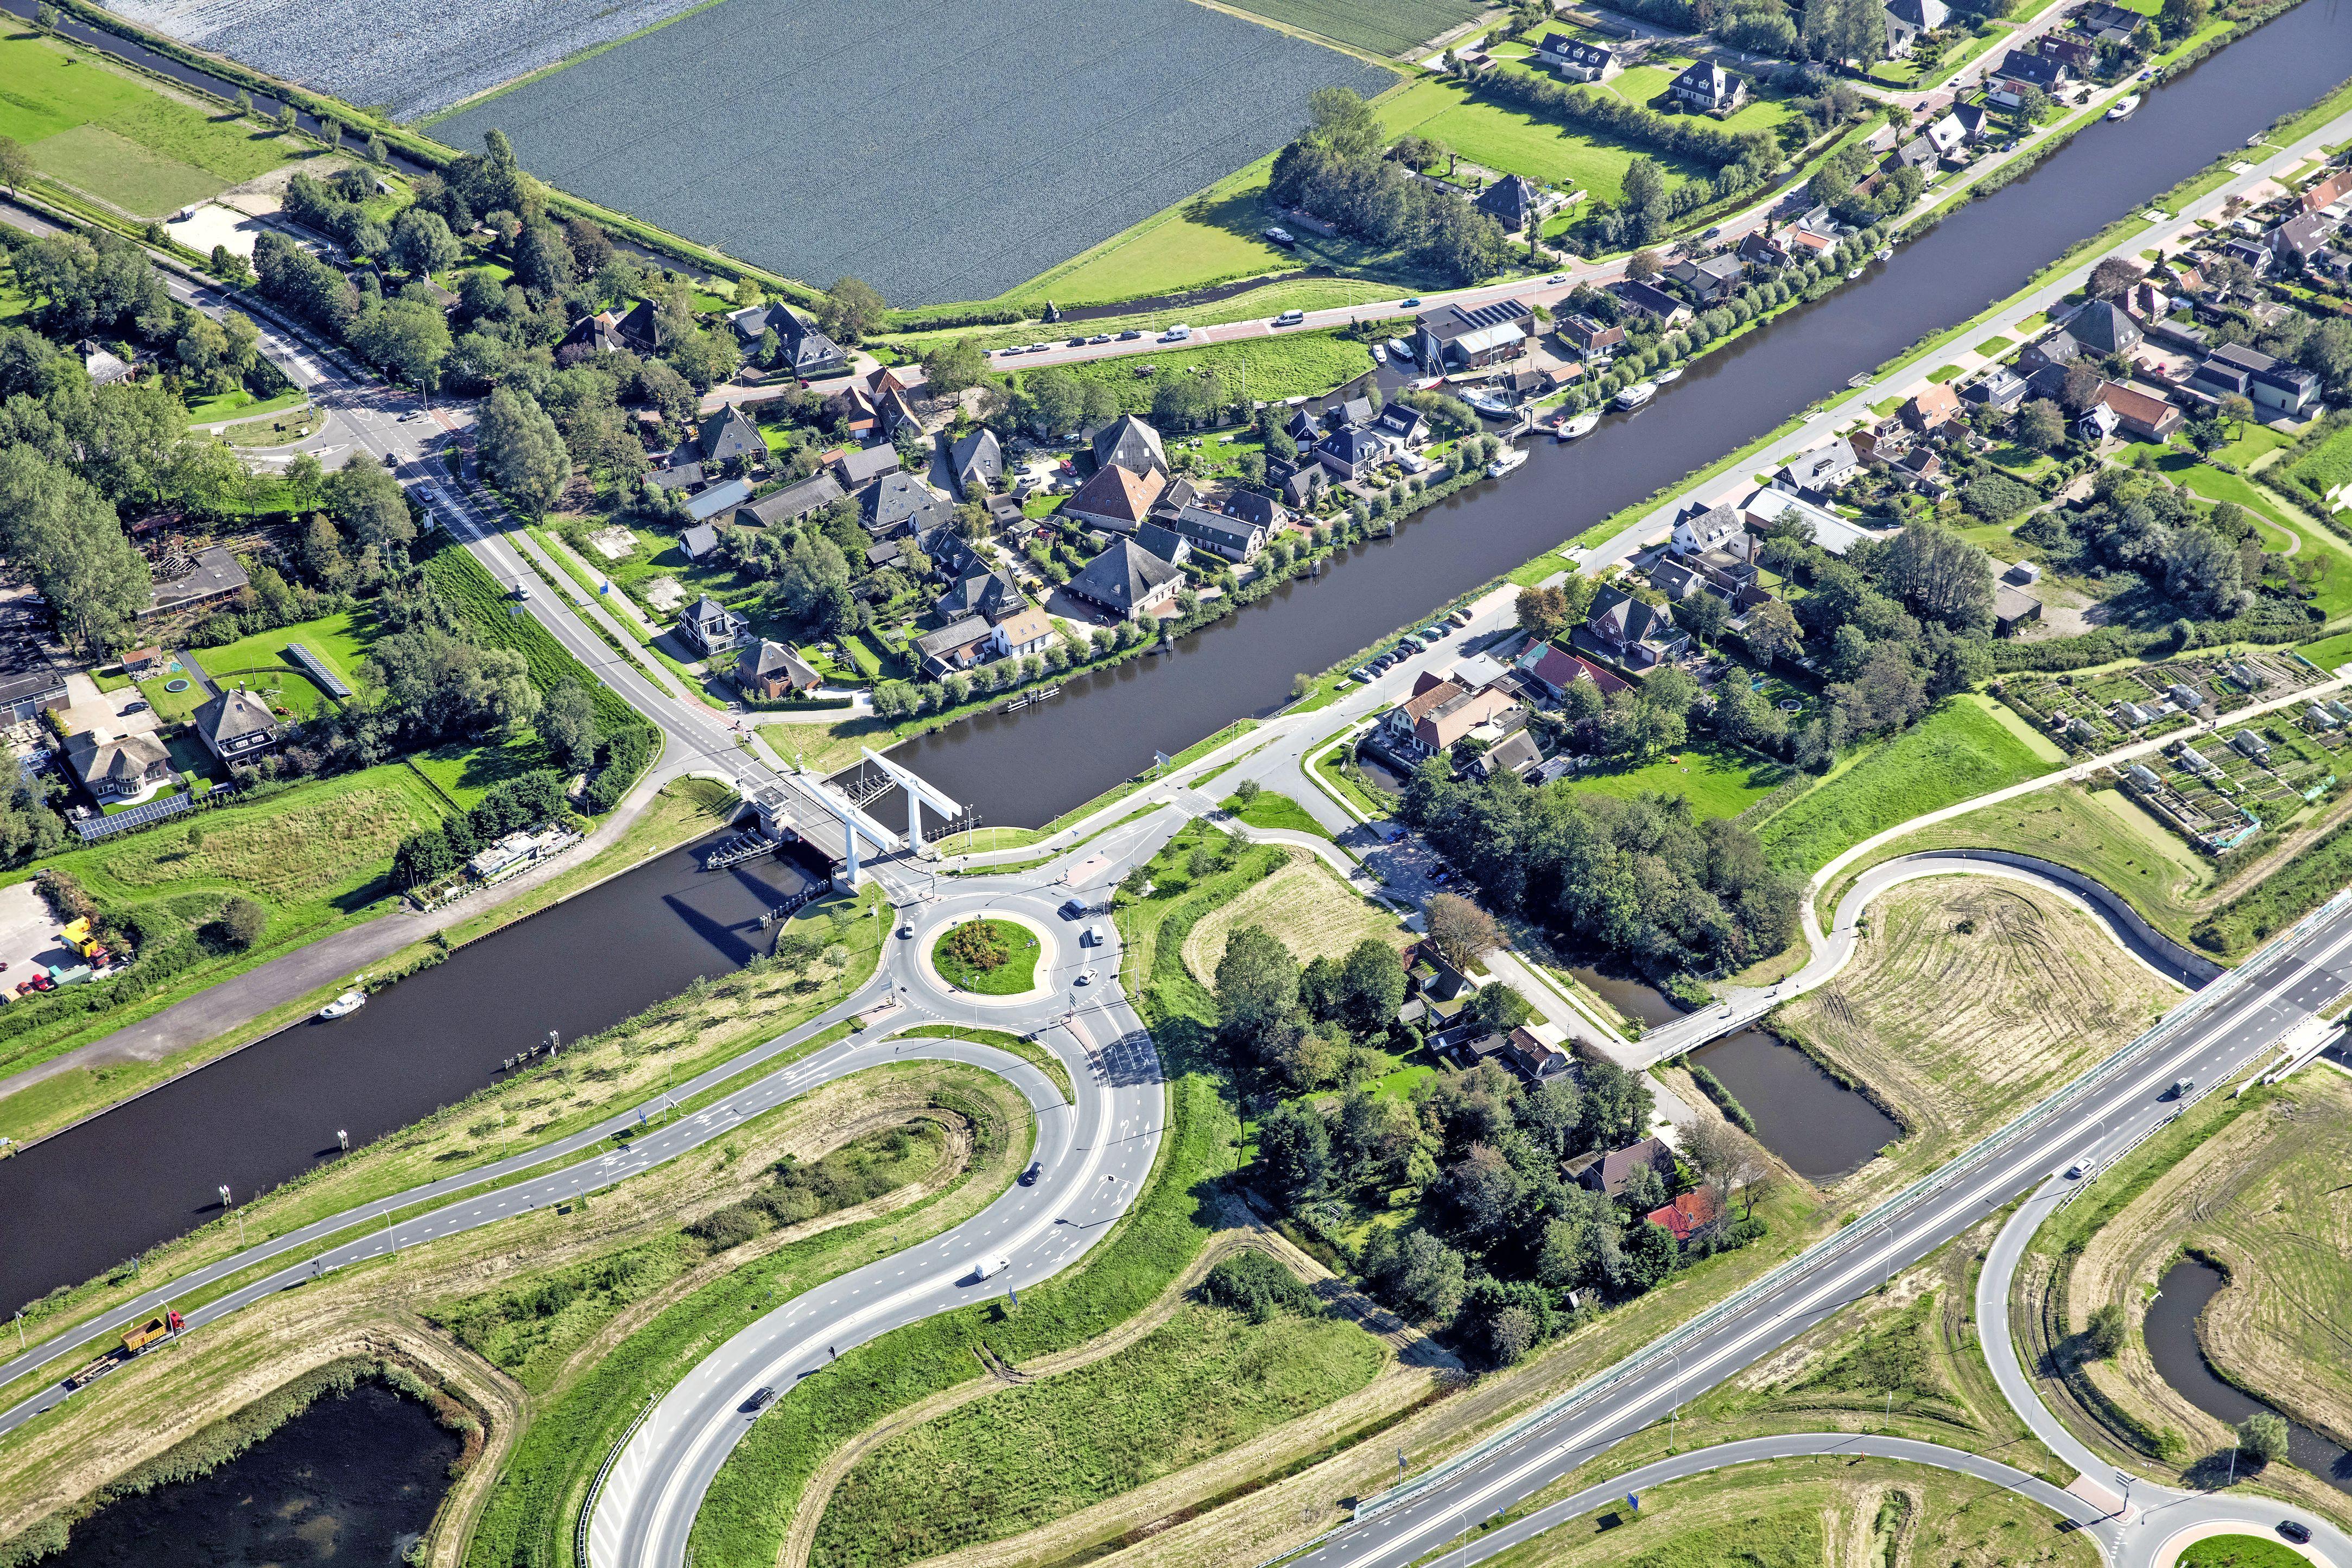 Dat wordt even omrijden: de Schoorldammerbrug krijgt nieuw asfalt en gaat tijdelijk dicht. Een half jaar geleden ook al